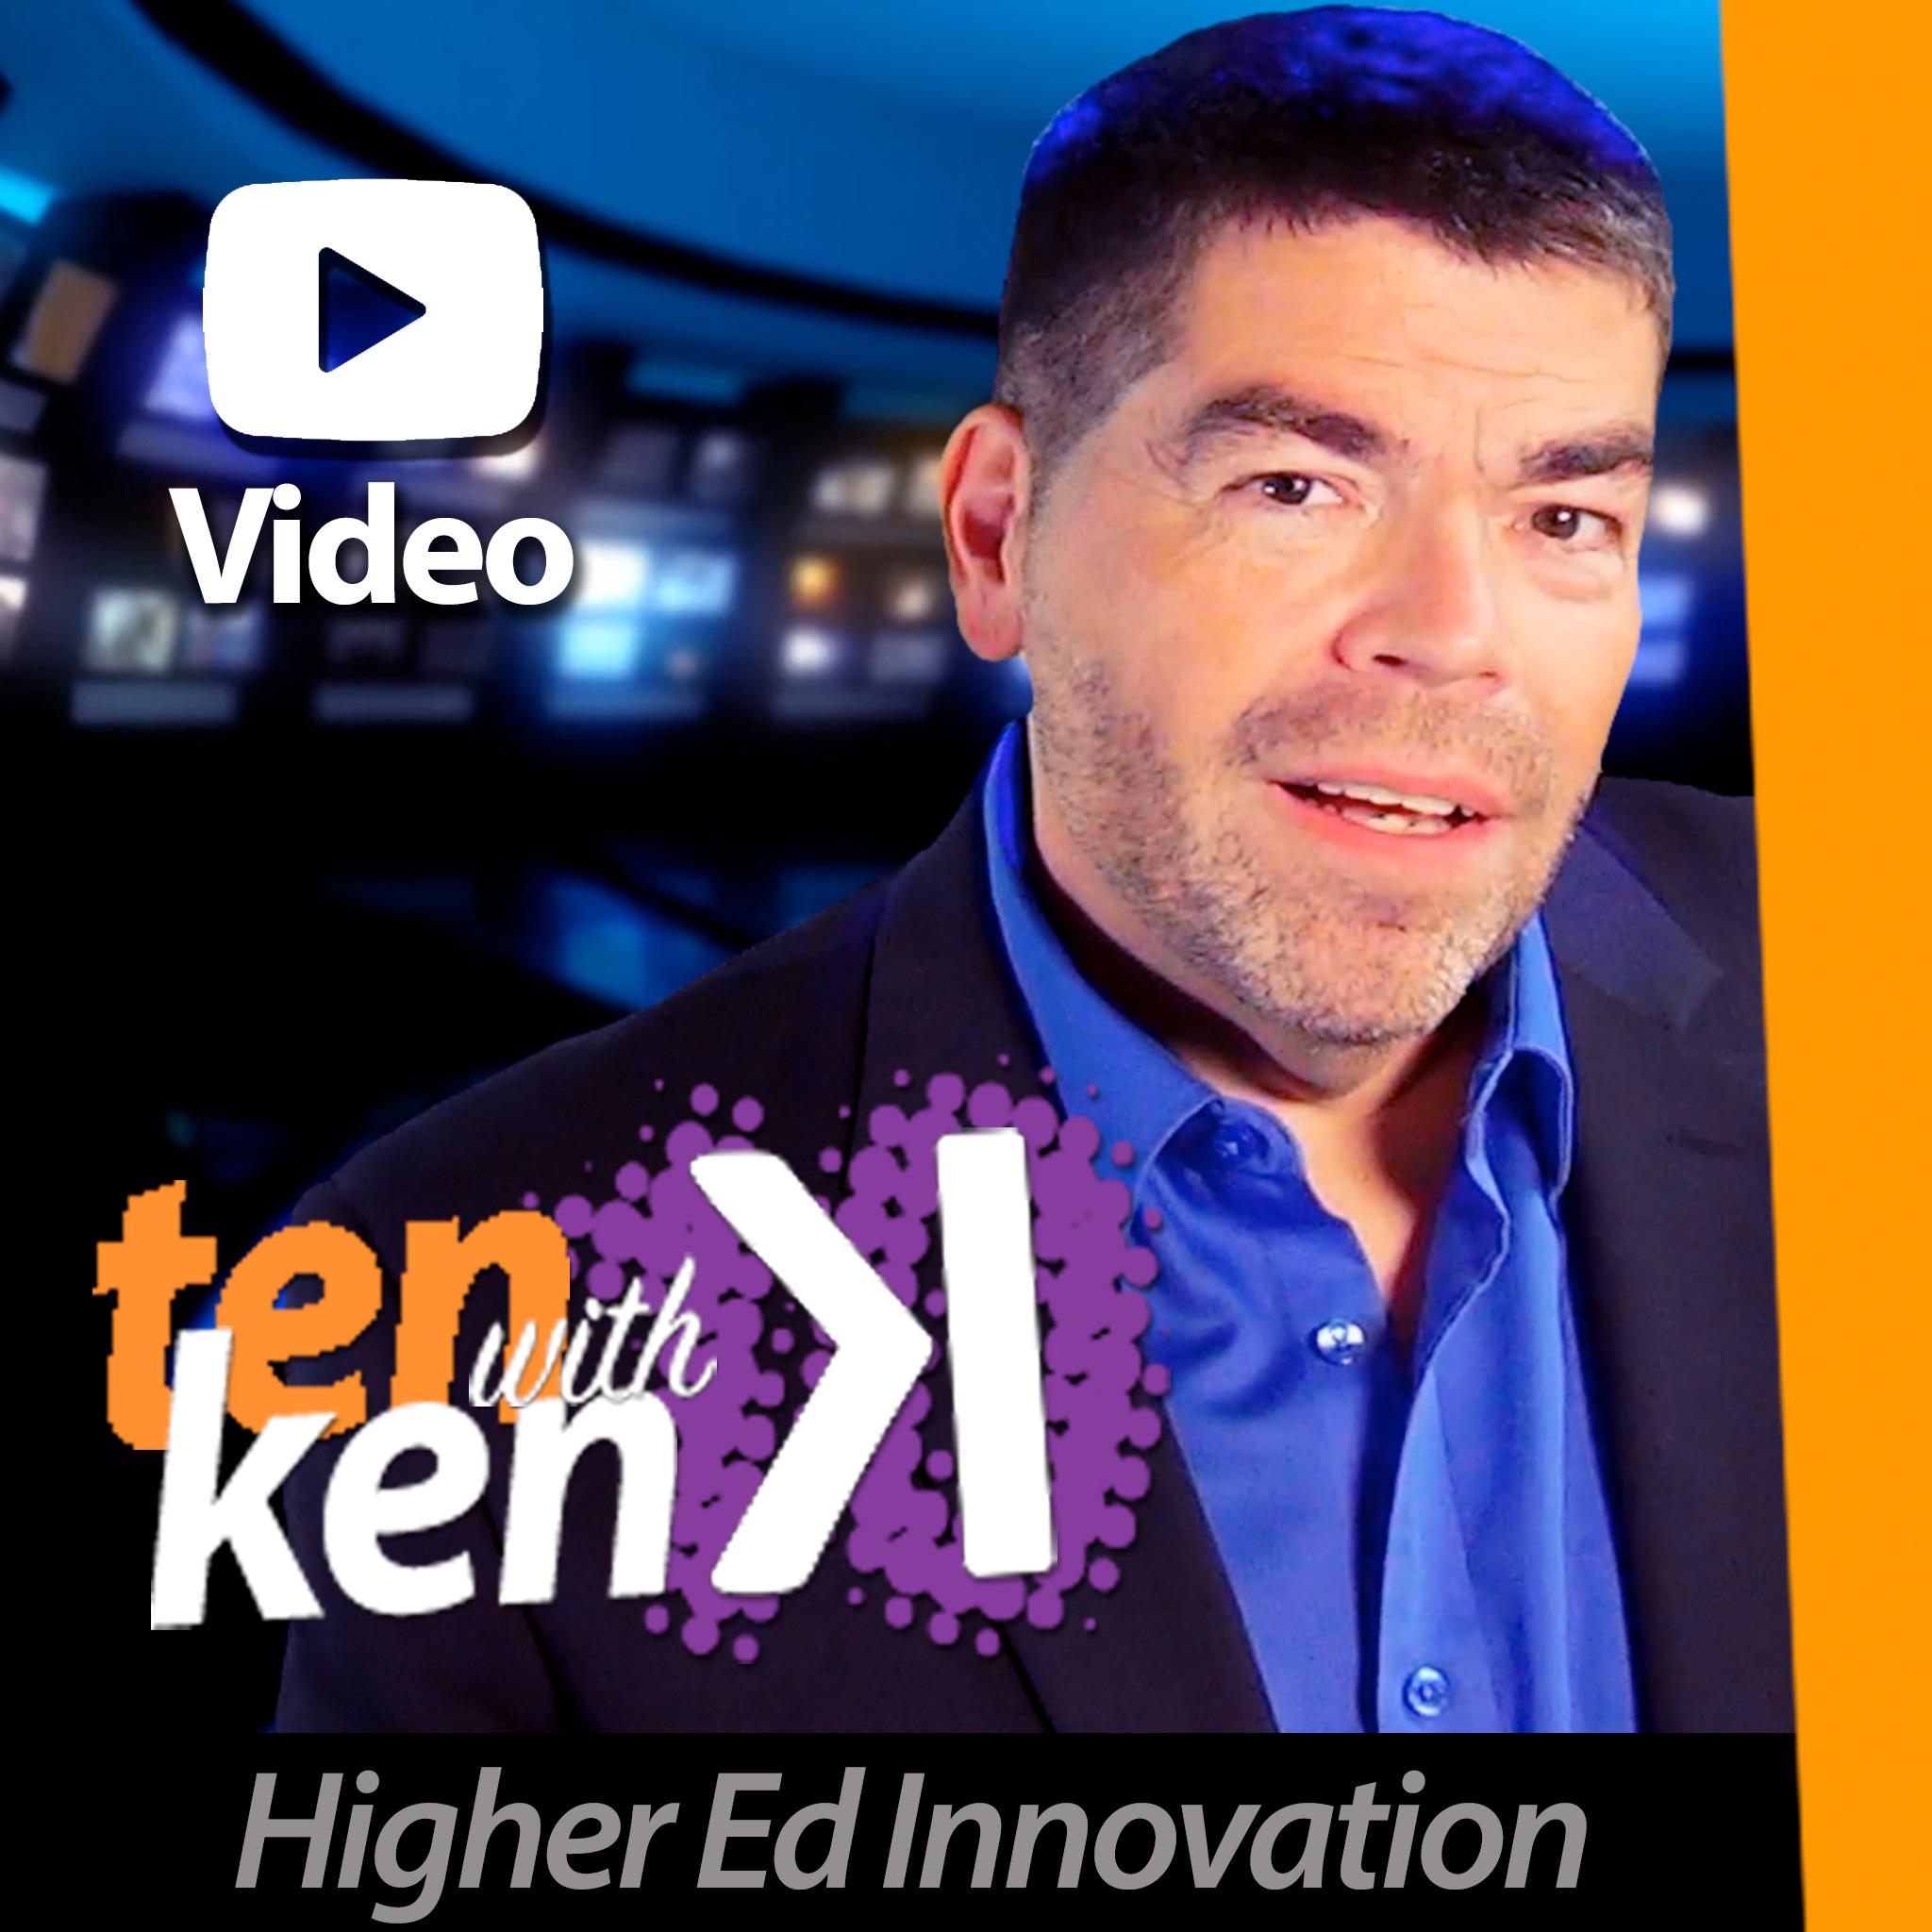 Ten with Ken (Video)